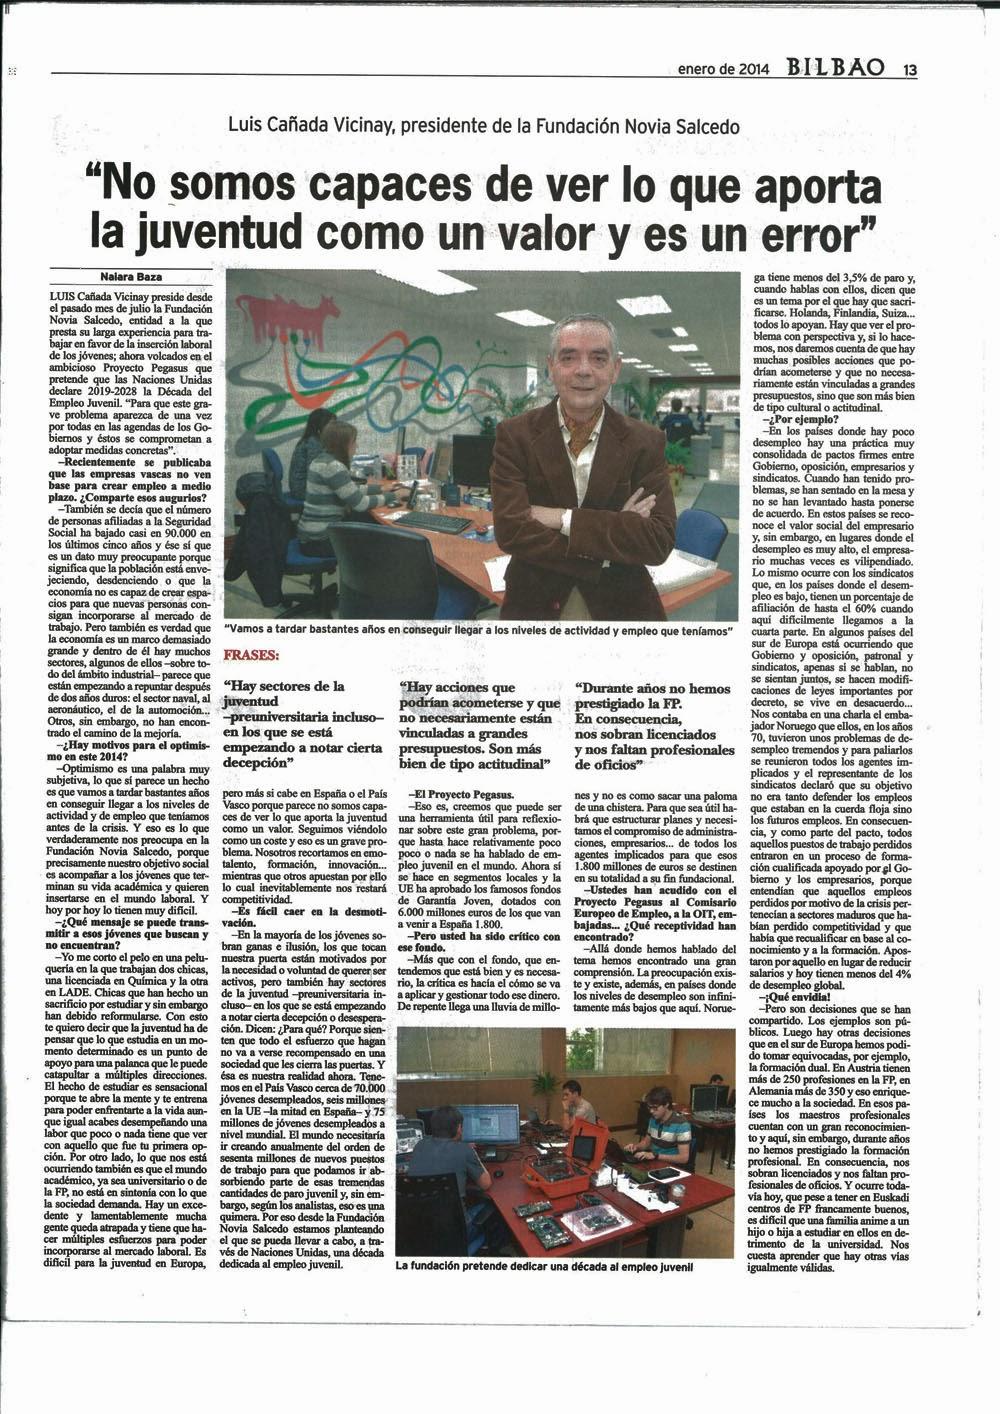 http://www.noviasalcedo.es/upload/publica/Luis%20CañadaBilbao2_1.pdf